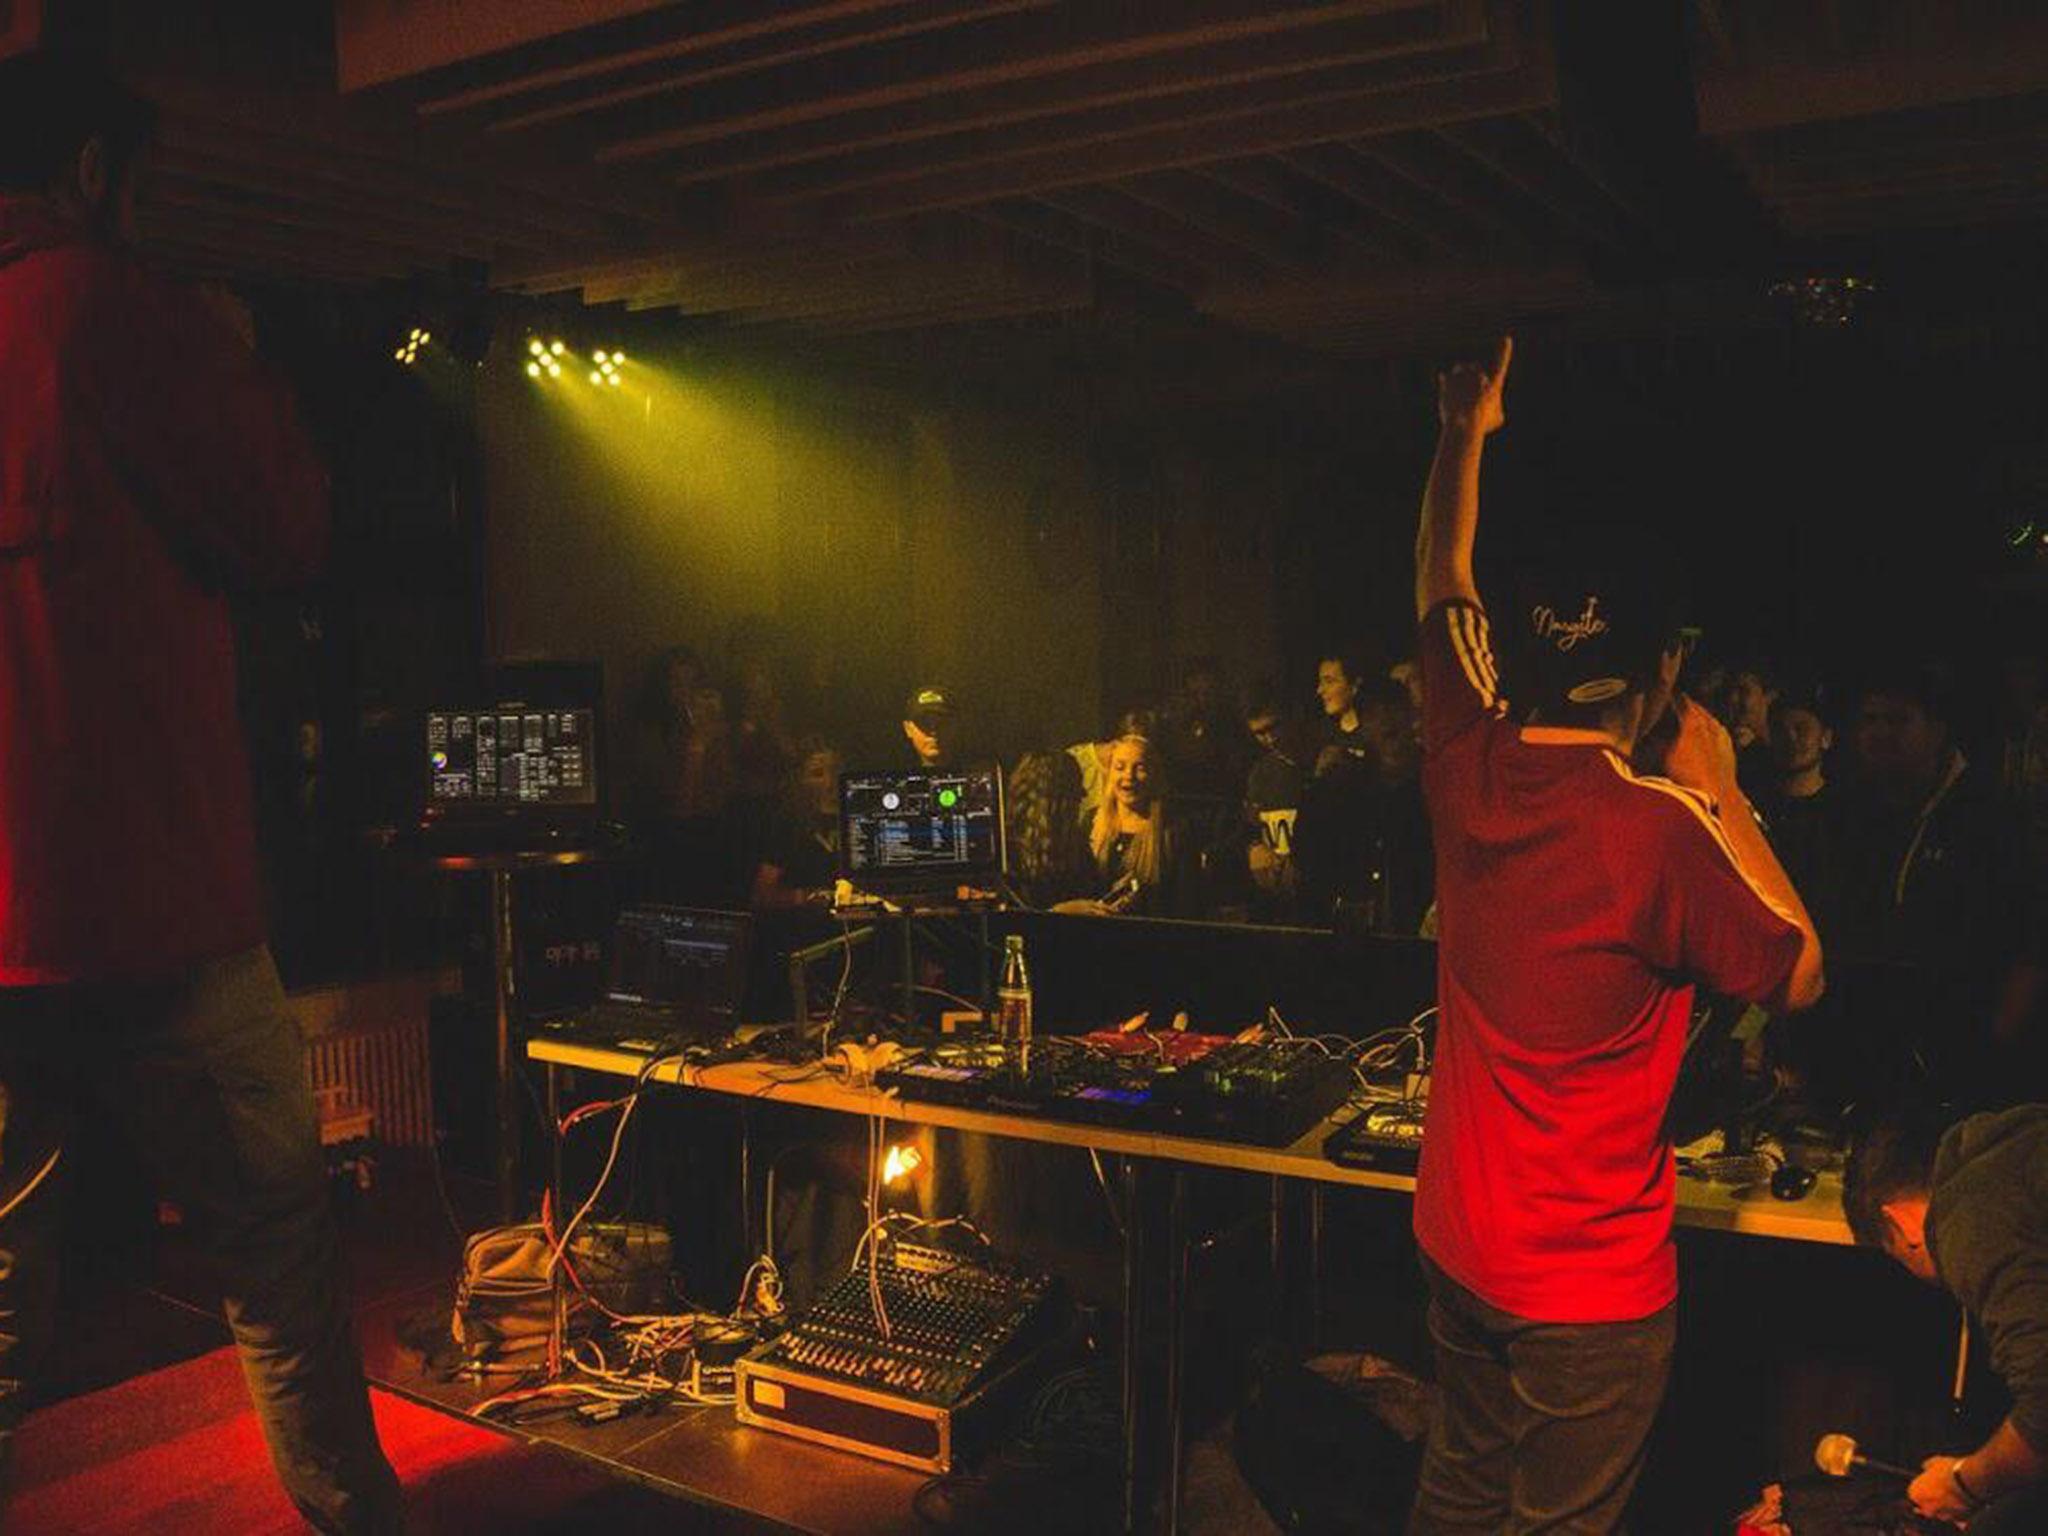 Julius trommelt jedes mal aufs Neue Rapper und DJs zusammen, um gemeinsam im Jugendhaus zu feiern. Foto: A.S. Fotografie.